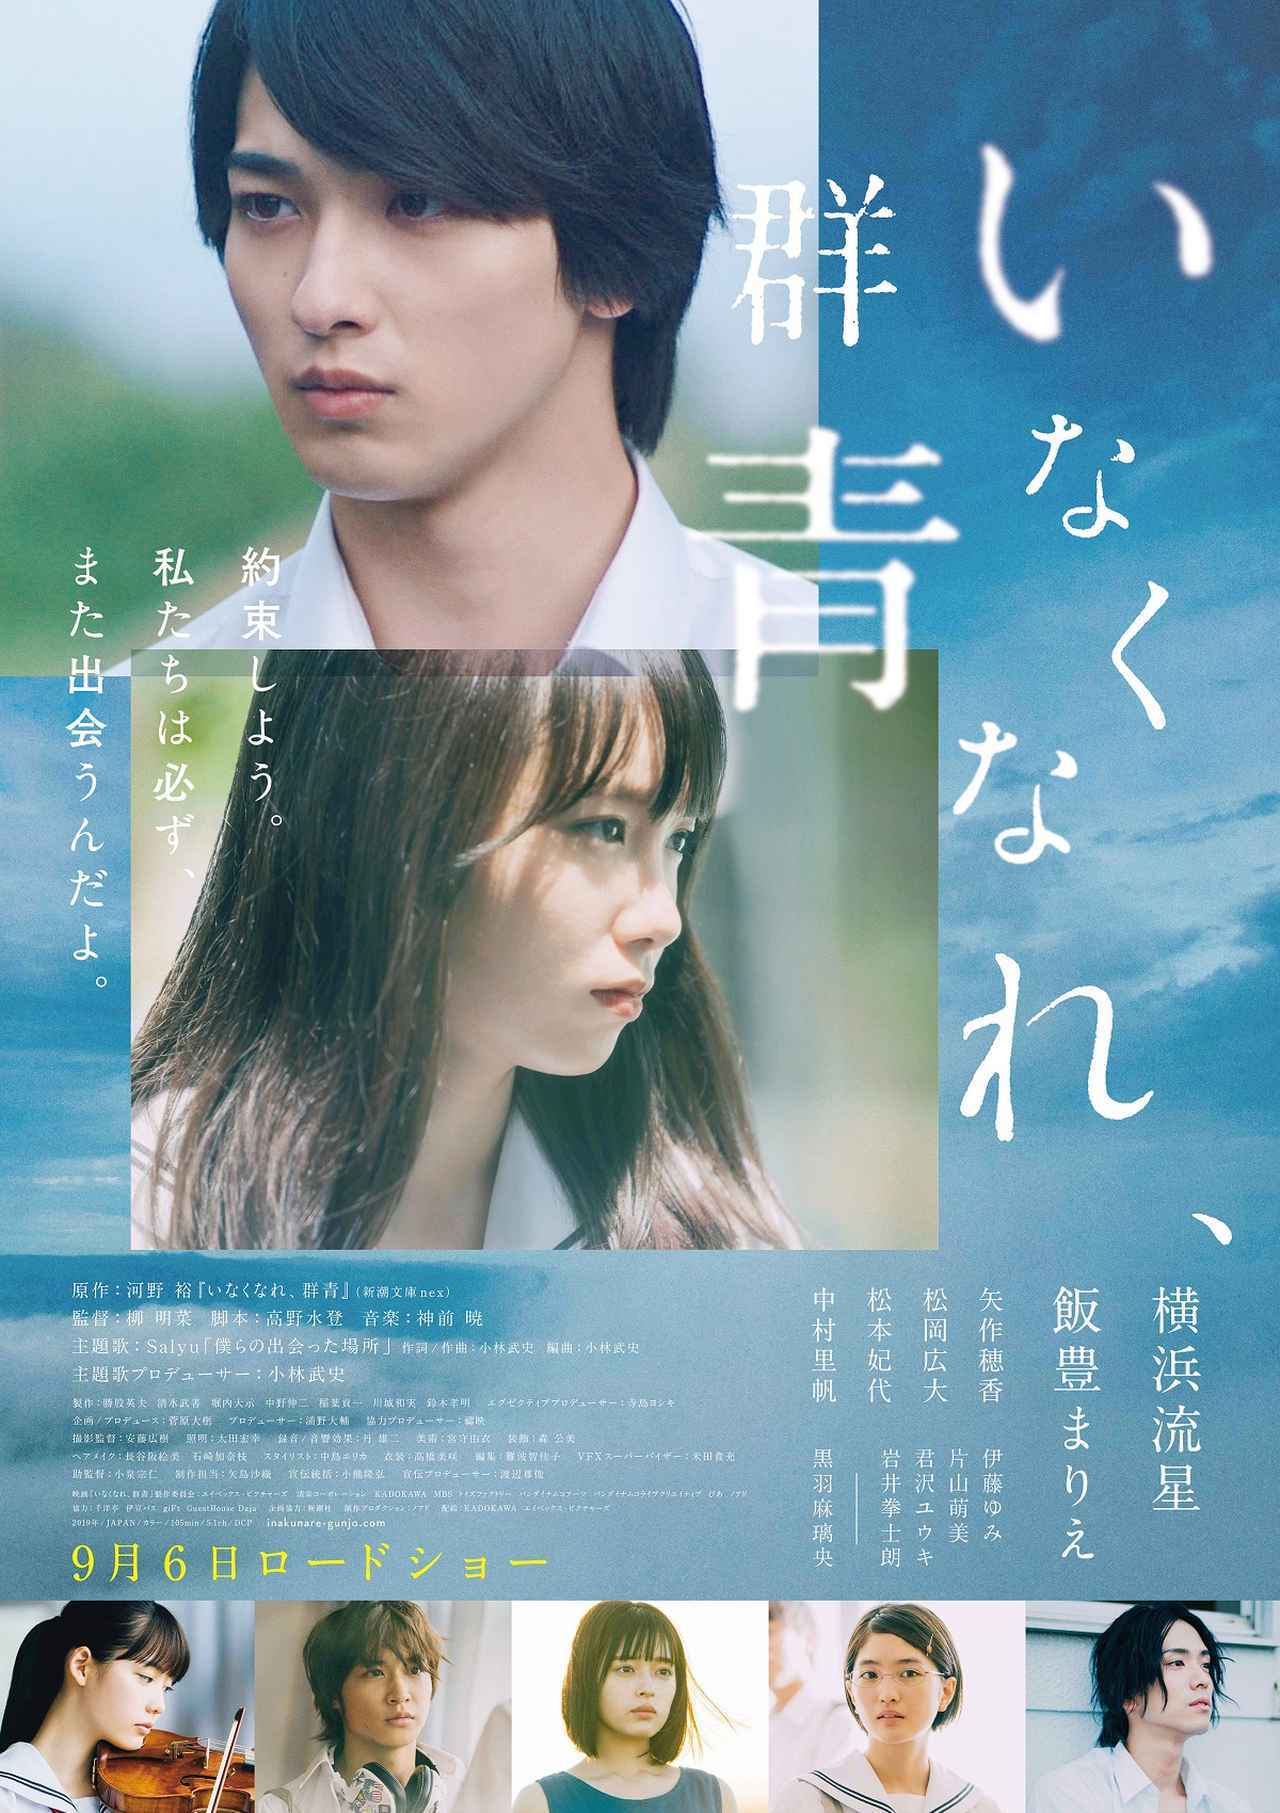 画像: (C)河野裕/新潮社 (C) 2019映画「いなくなれ、群青」製作